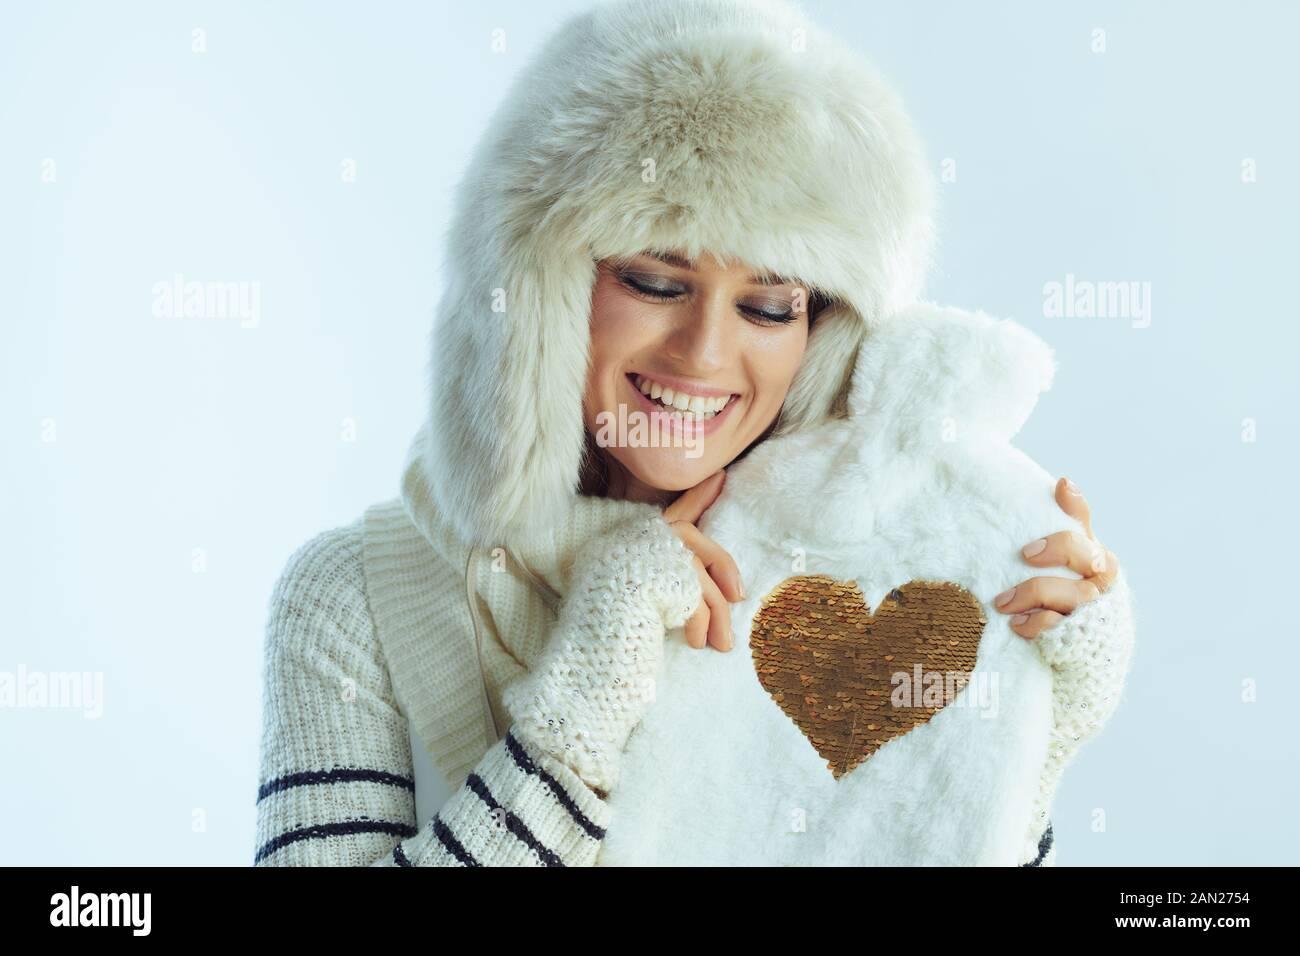 femme souriante et élégante, sweat-shirt à rayures blanches, écharpe et rabats pour les oreilles bonnet embrassant un joli chauffe-eau chaud isolé sur fond bleu clair d'hiver Banque D'Images